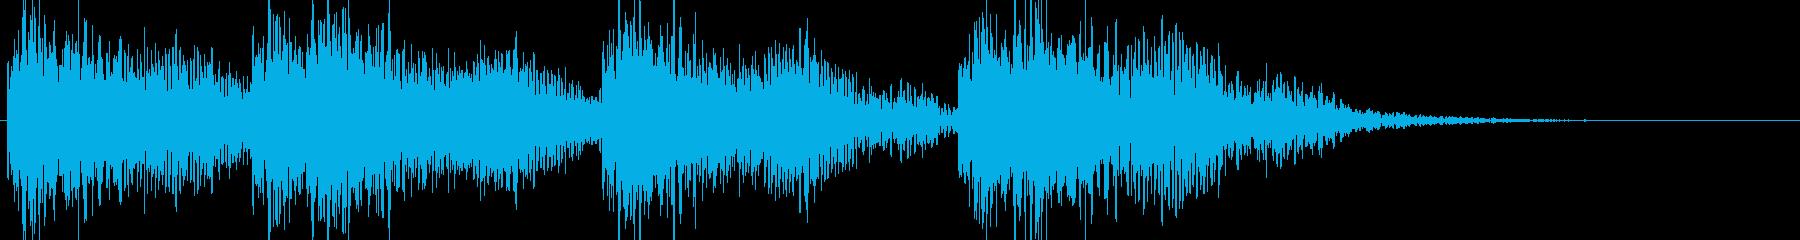 大砲の音/戦争/カノン砲/ドカン/爆発音の再生済みの波形